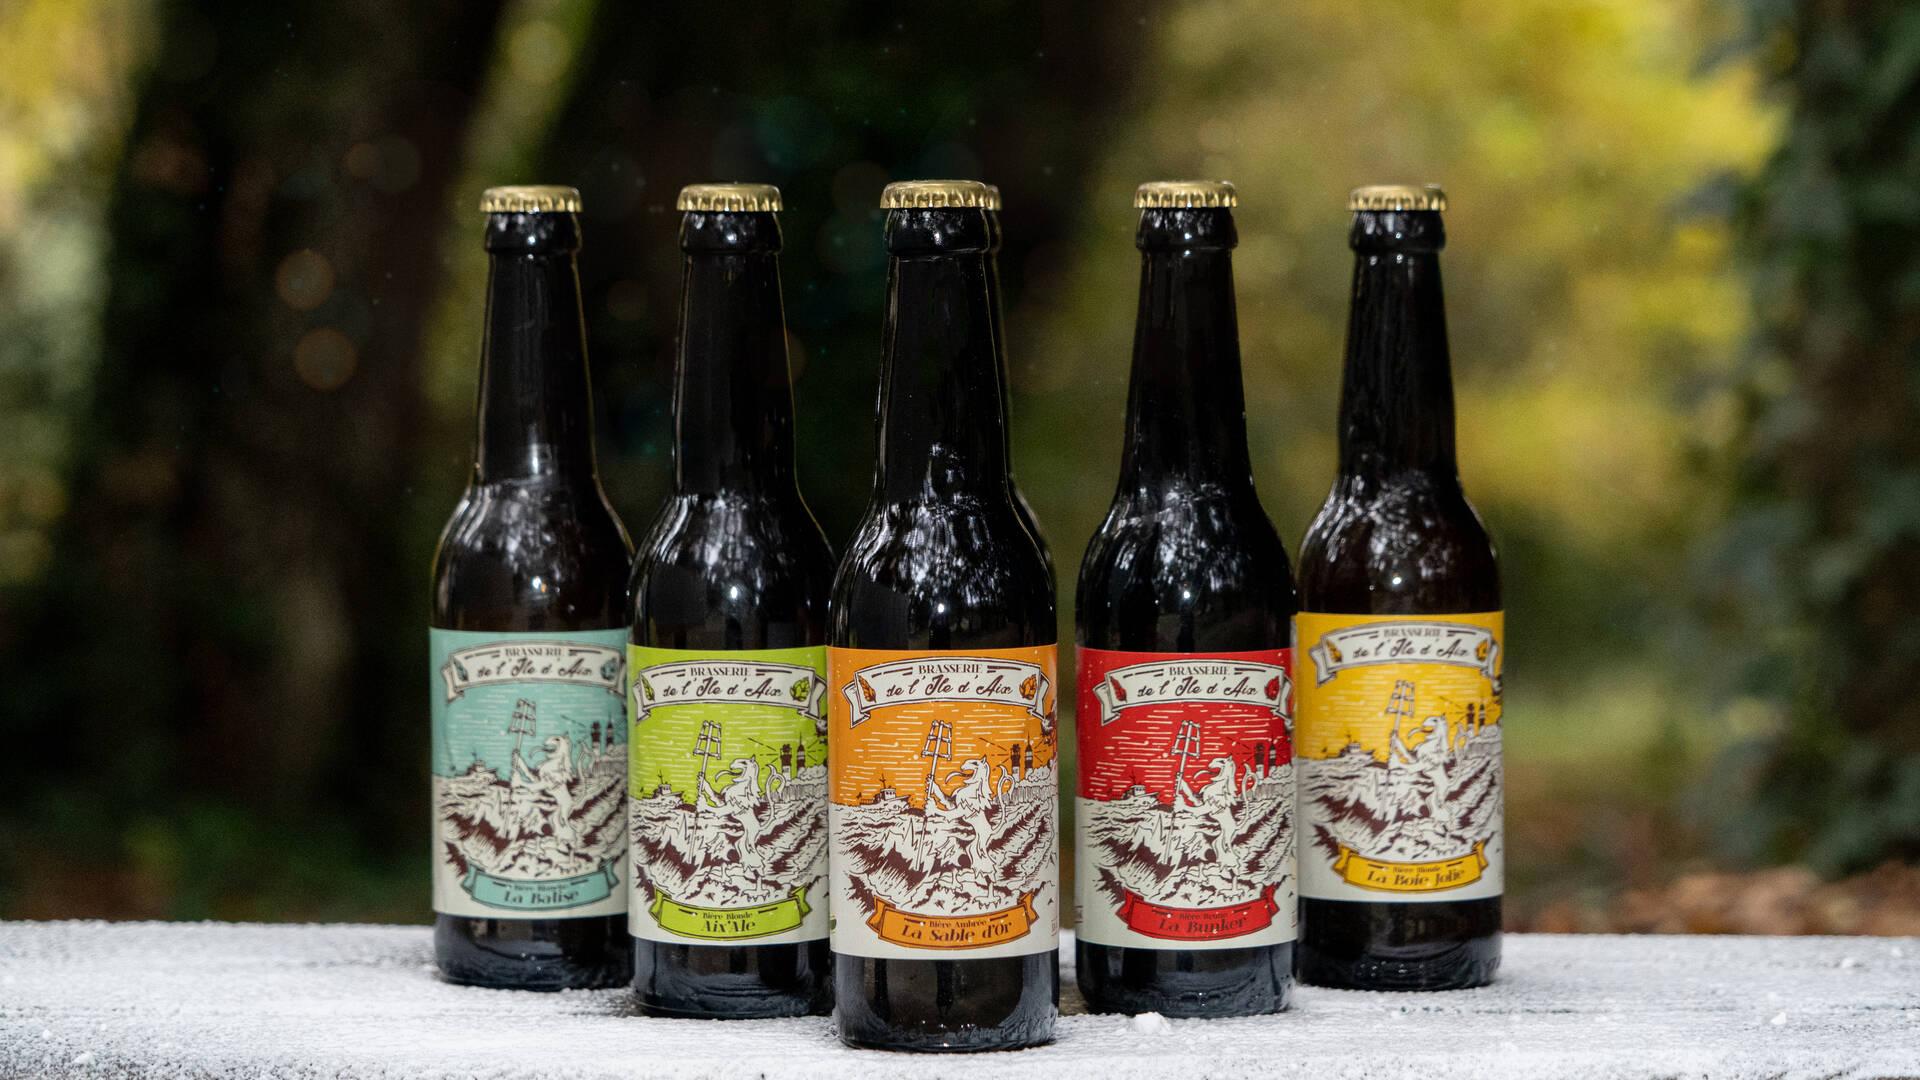 Bière de l'Ile d'Aix ©S. Hammad